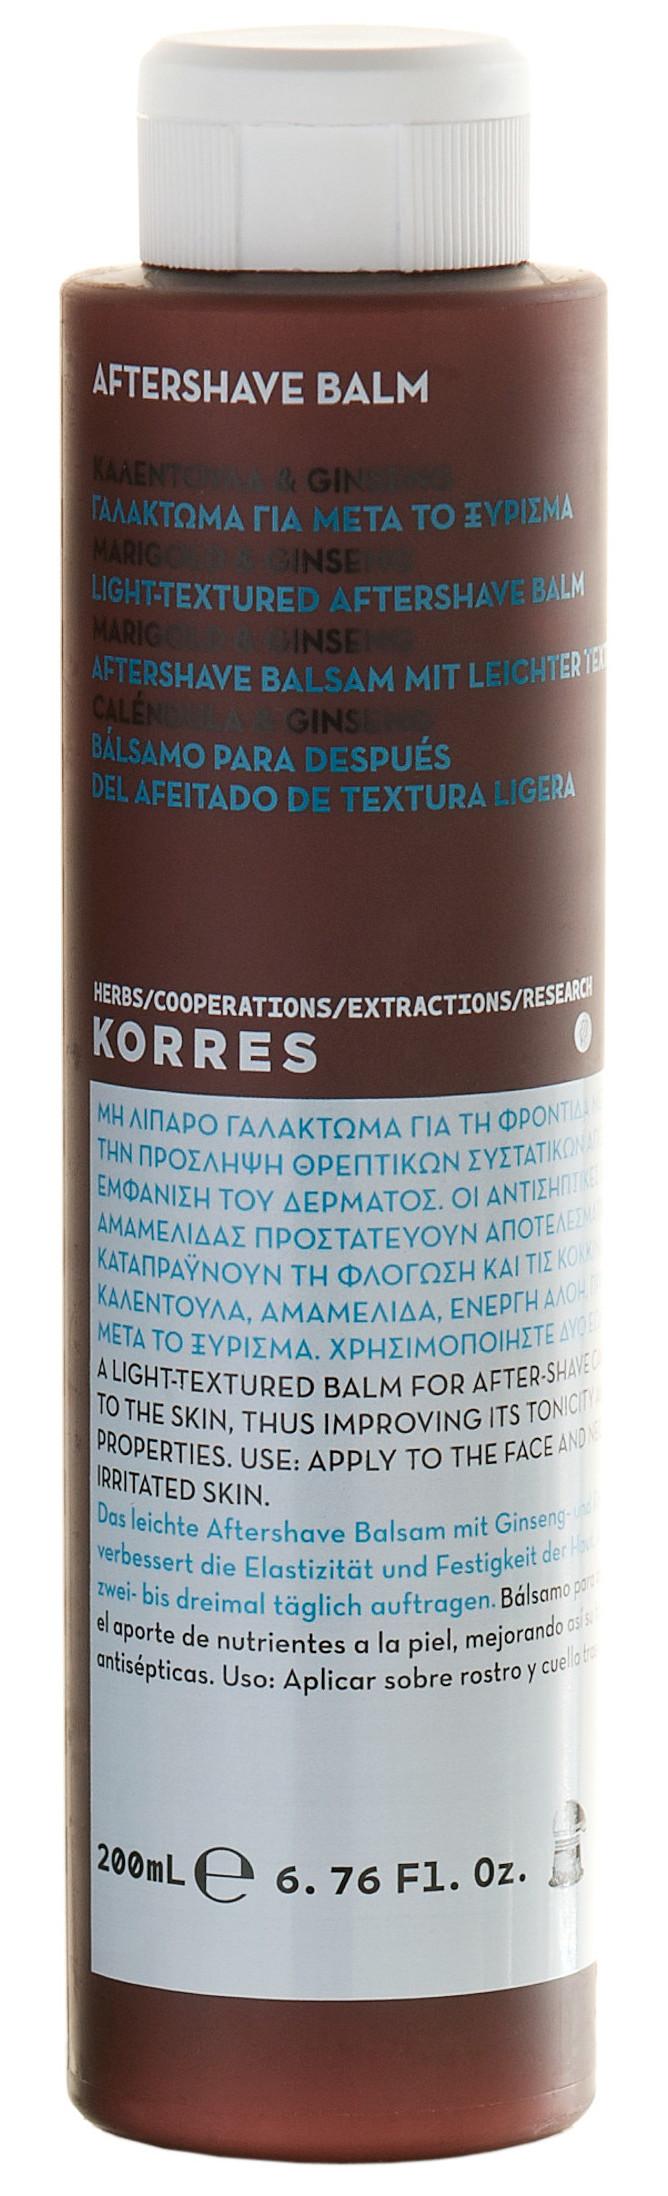 KORRES Бальзам после бритья с легкой текстурой, бархатцы и женьшень 200 мл - Бальзамы